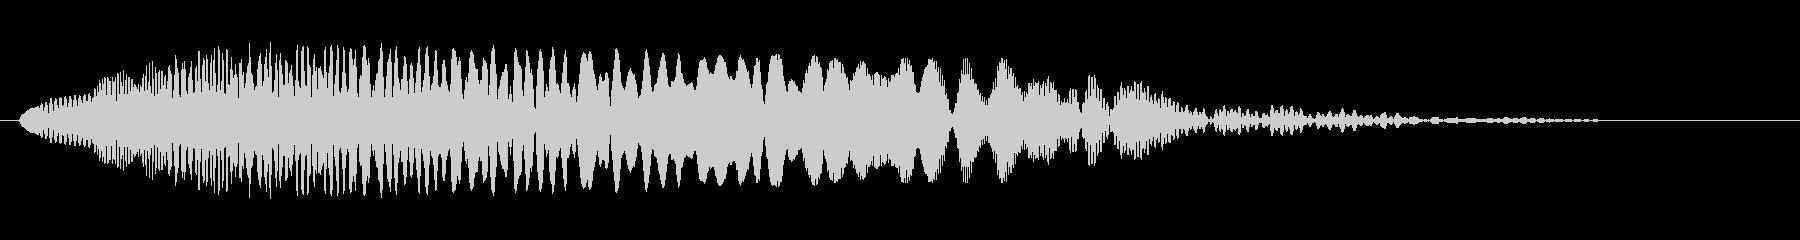 シャララ系ダウン(マリンバ)の未再生の波形